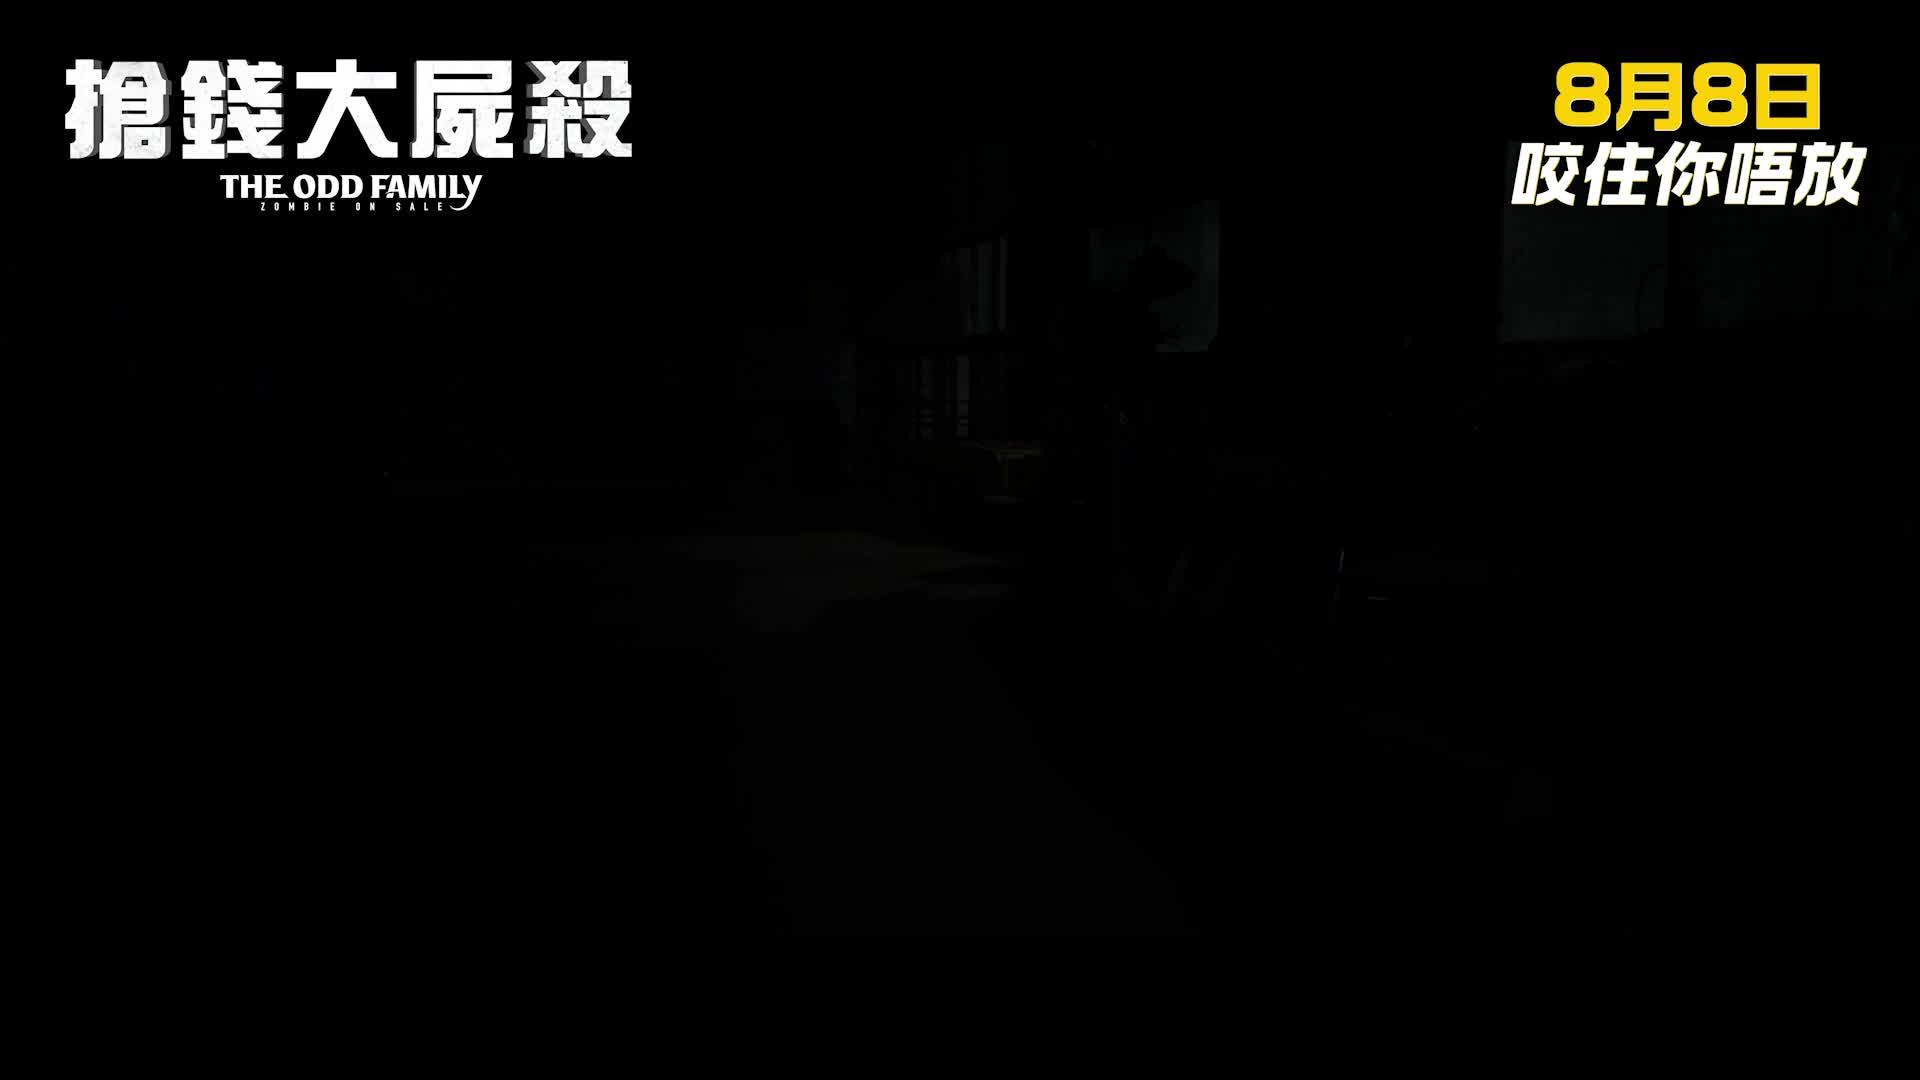 《搶錢大屍殺》電影預告